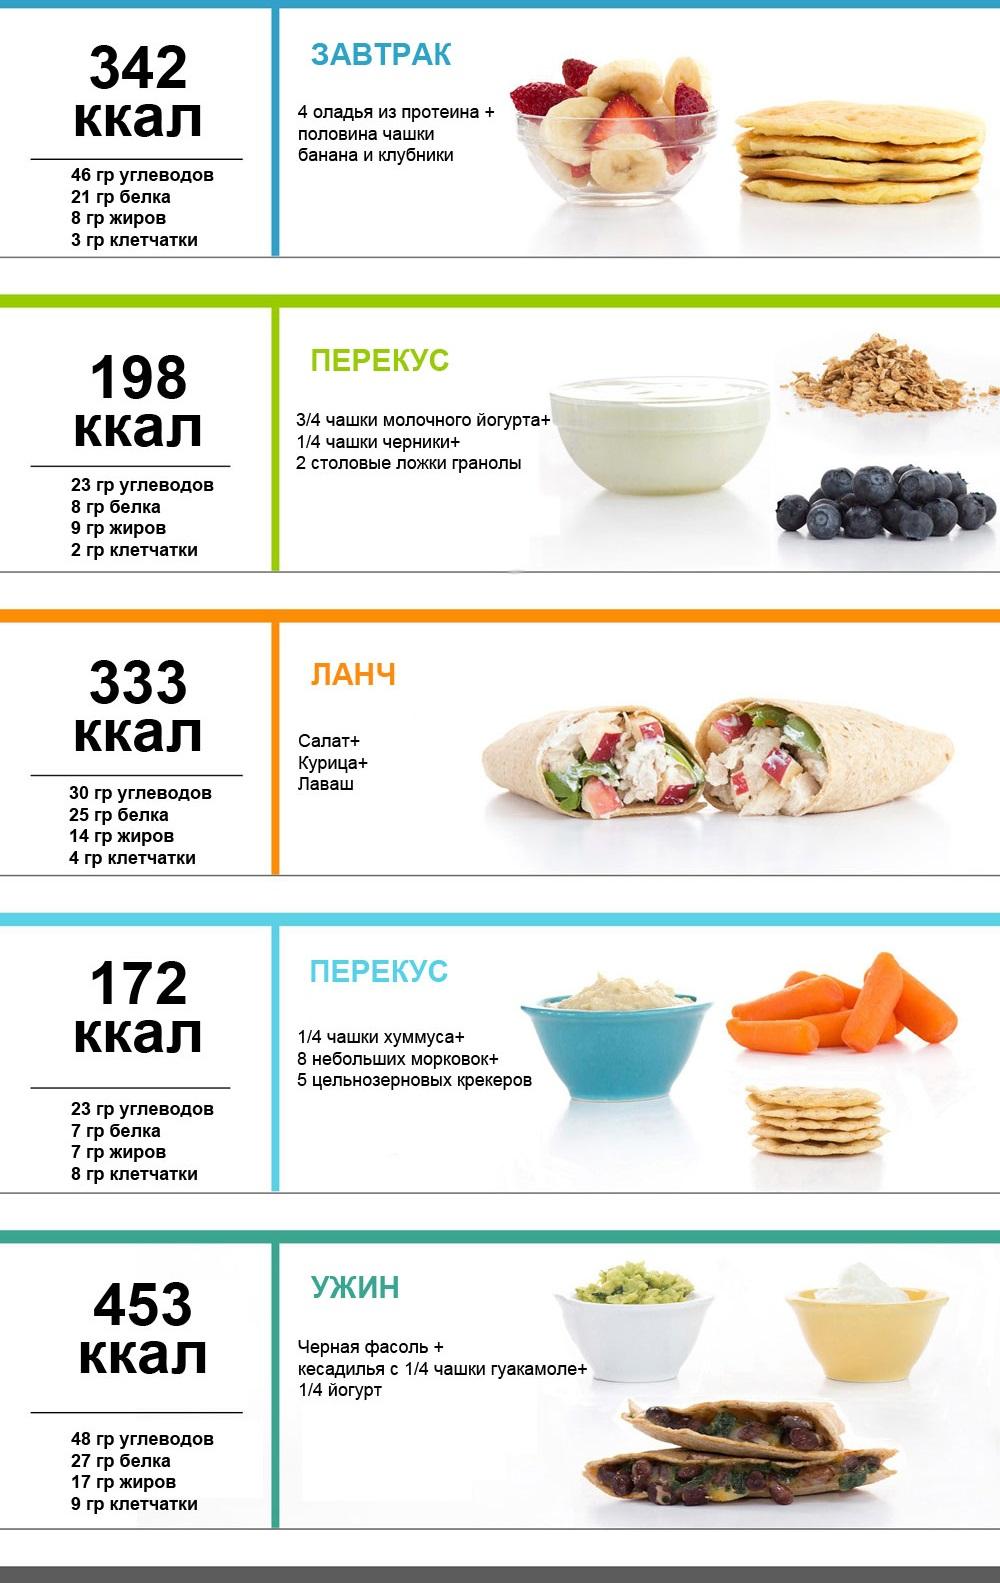 Пп Меню На Неделю Для Похудения Бжу. Меню на неделю с вкусными и полезными рецептами для похудения с помощью правильного питания